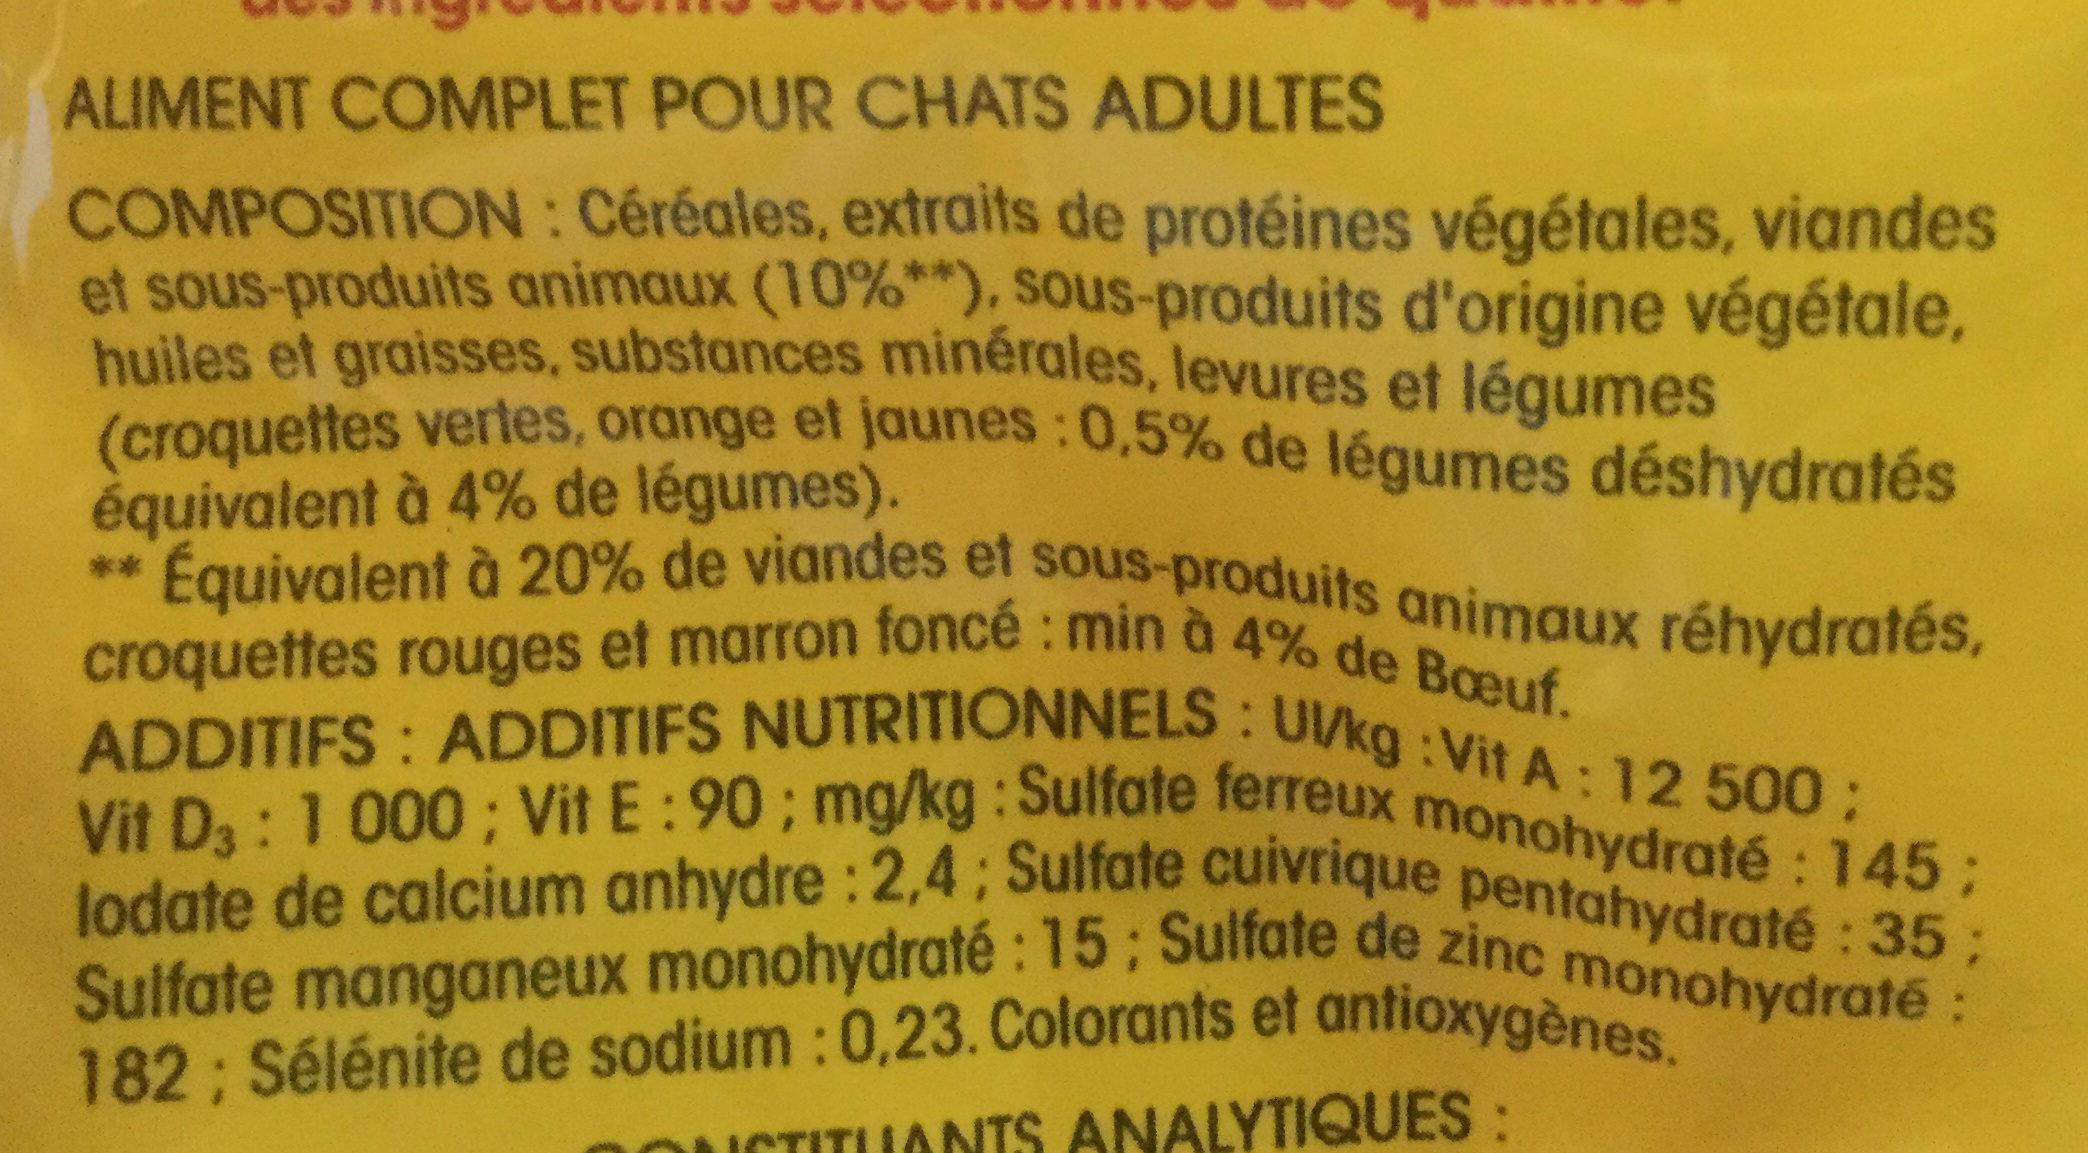 Chats stérilisés - au bœuf - Ingredients